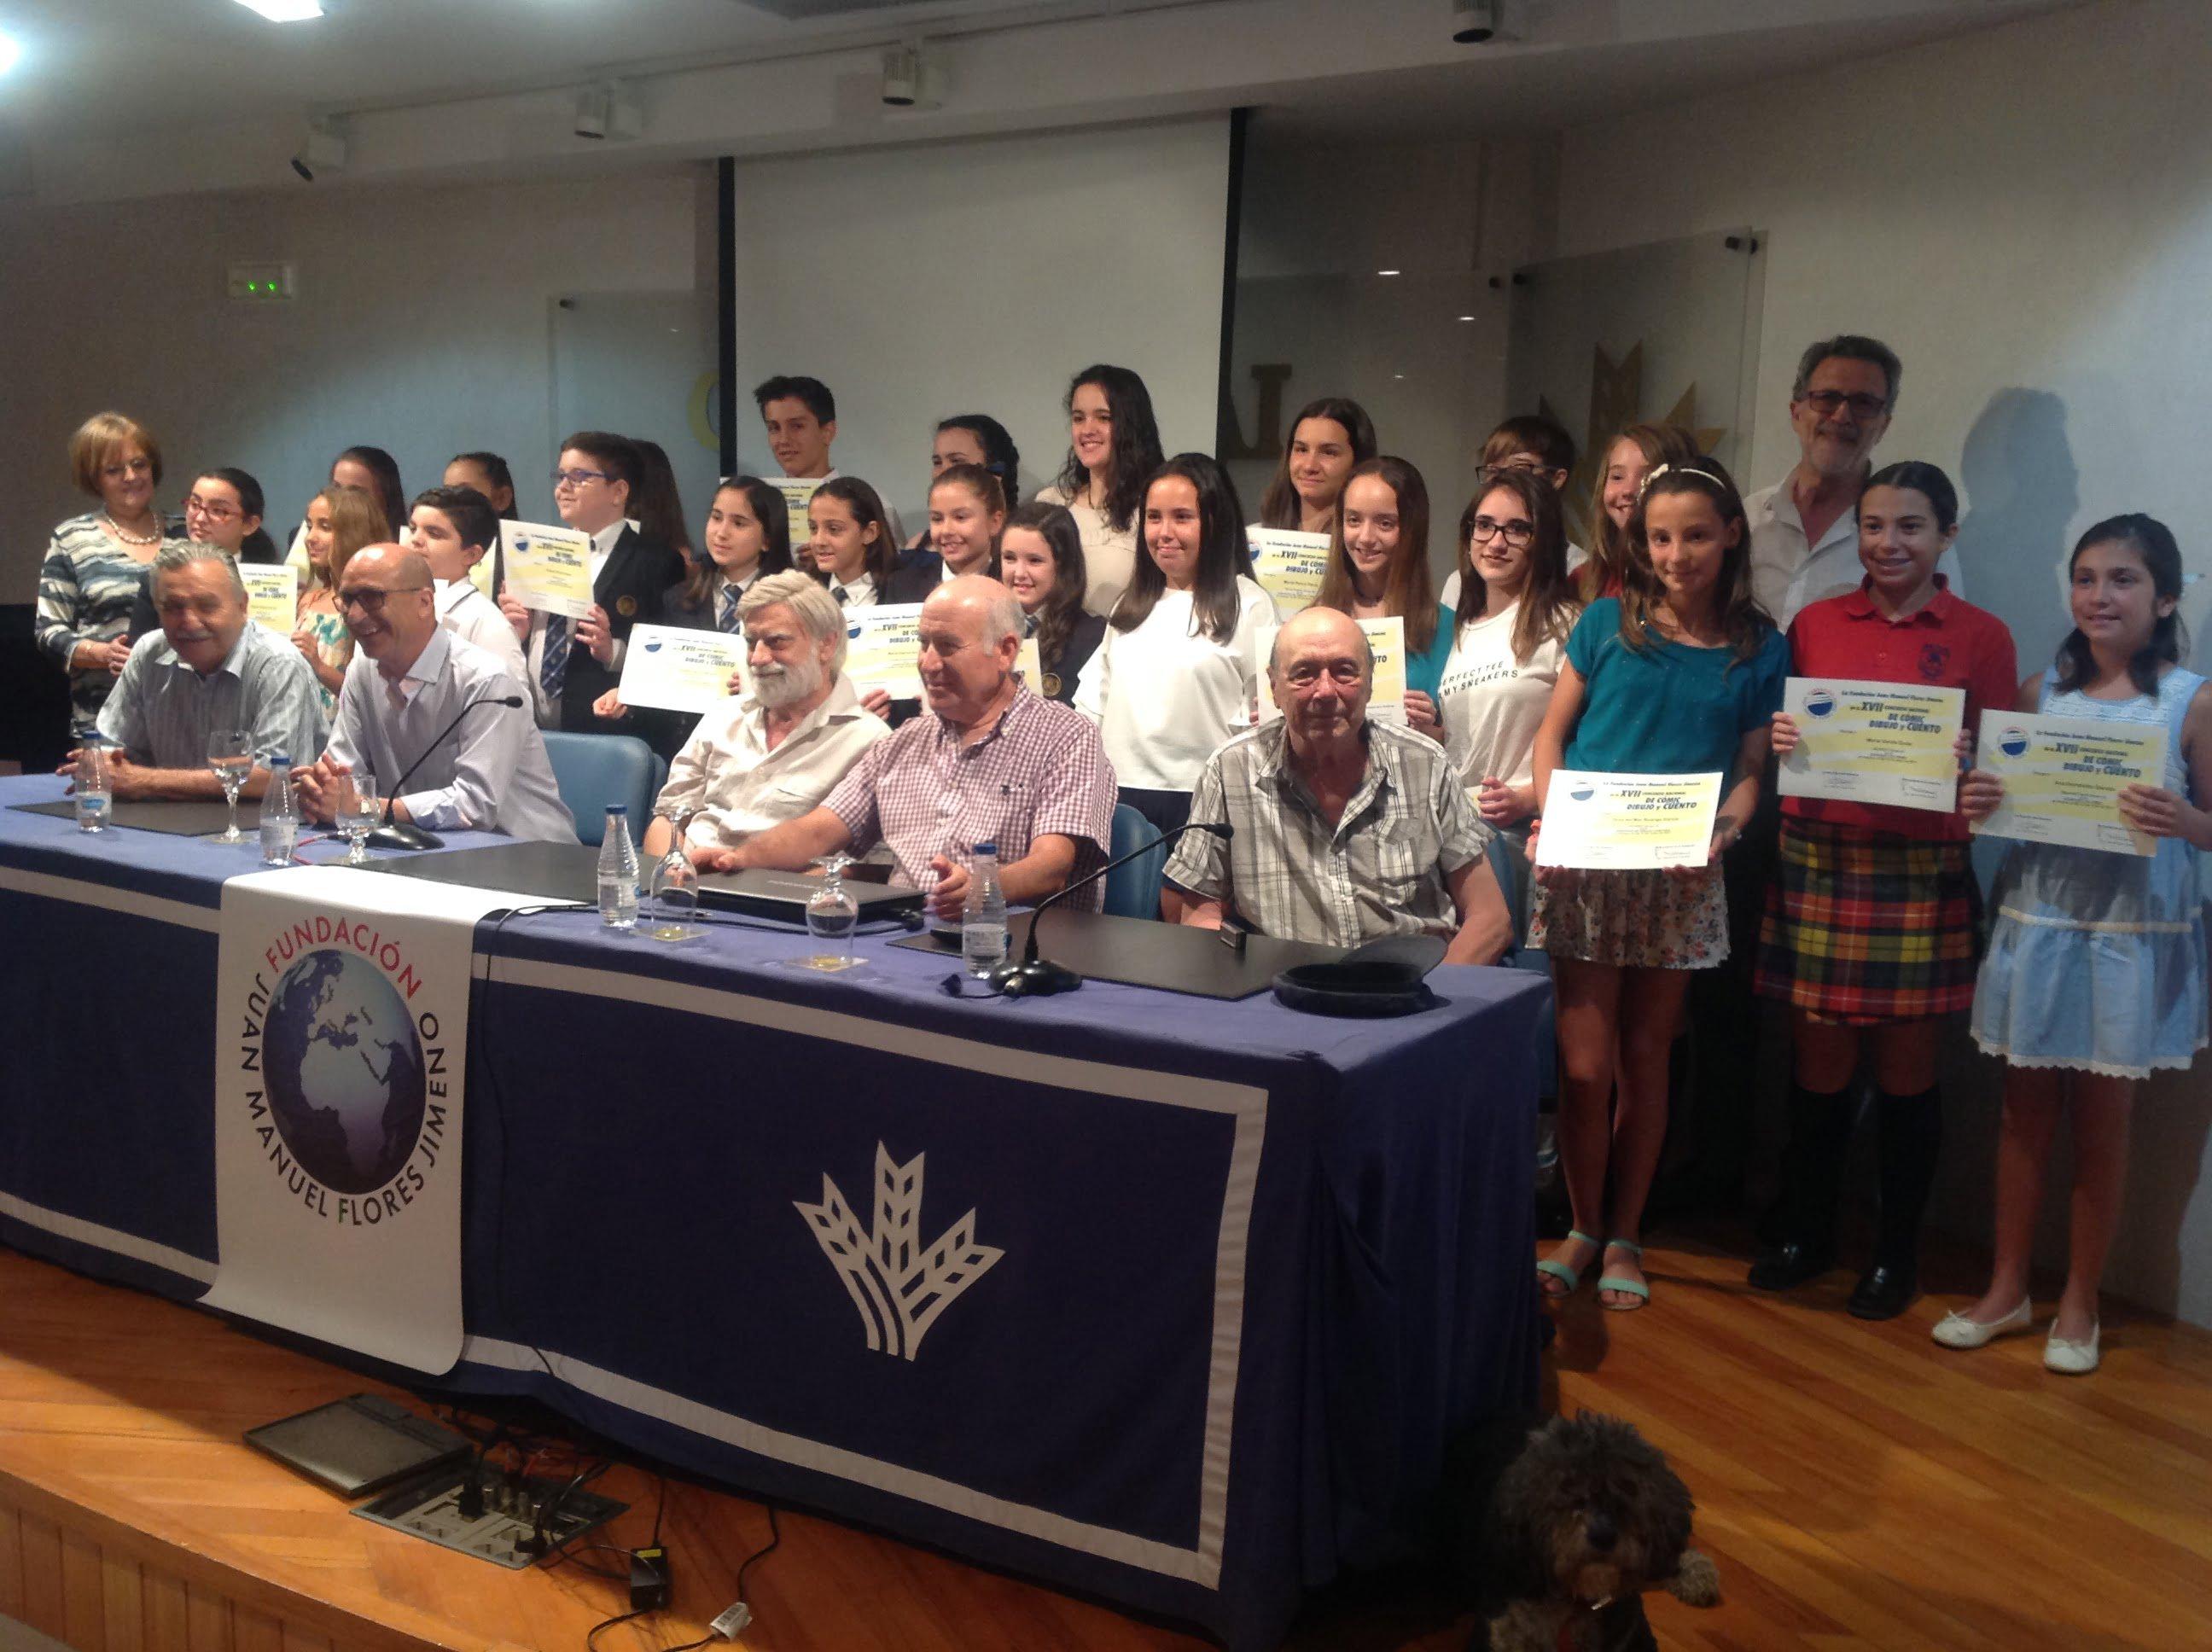 El jurado y directivos de las Fundaciones Flores Jimeno y Caja Rural del Sur, con los ganadores del concurso